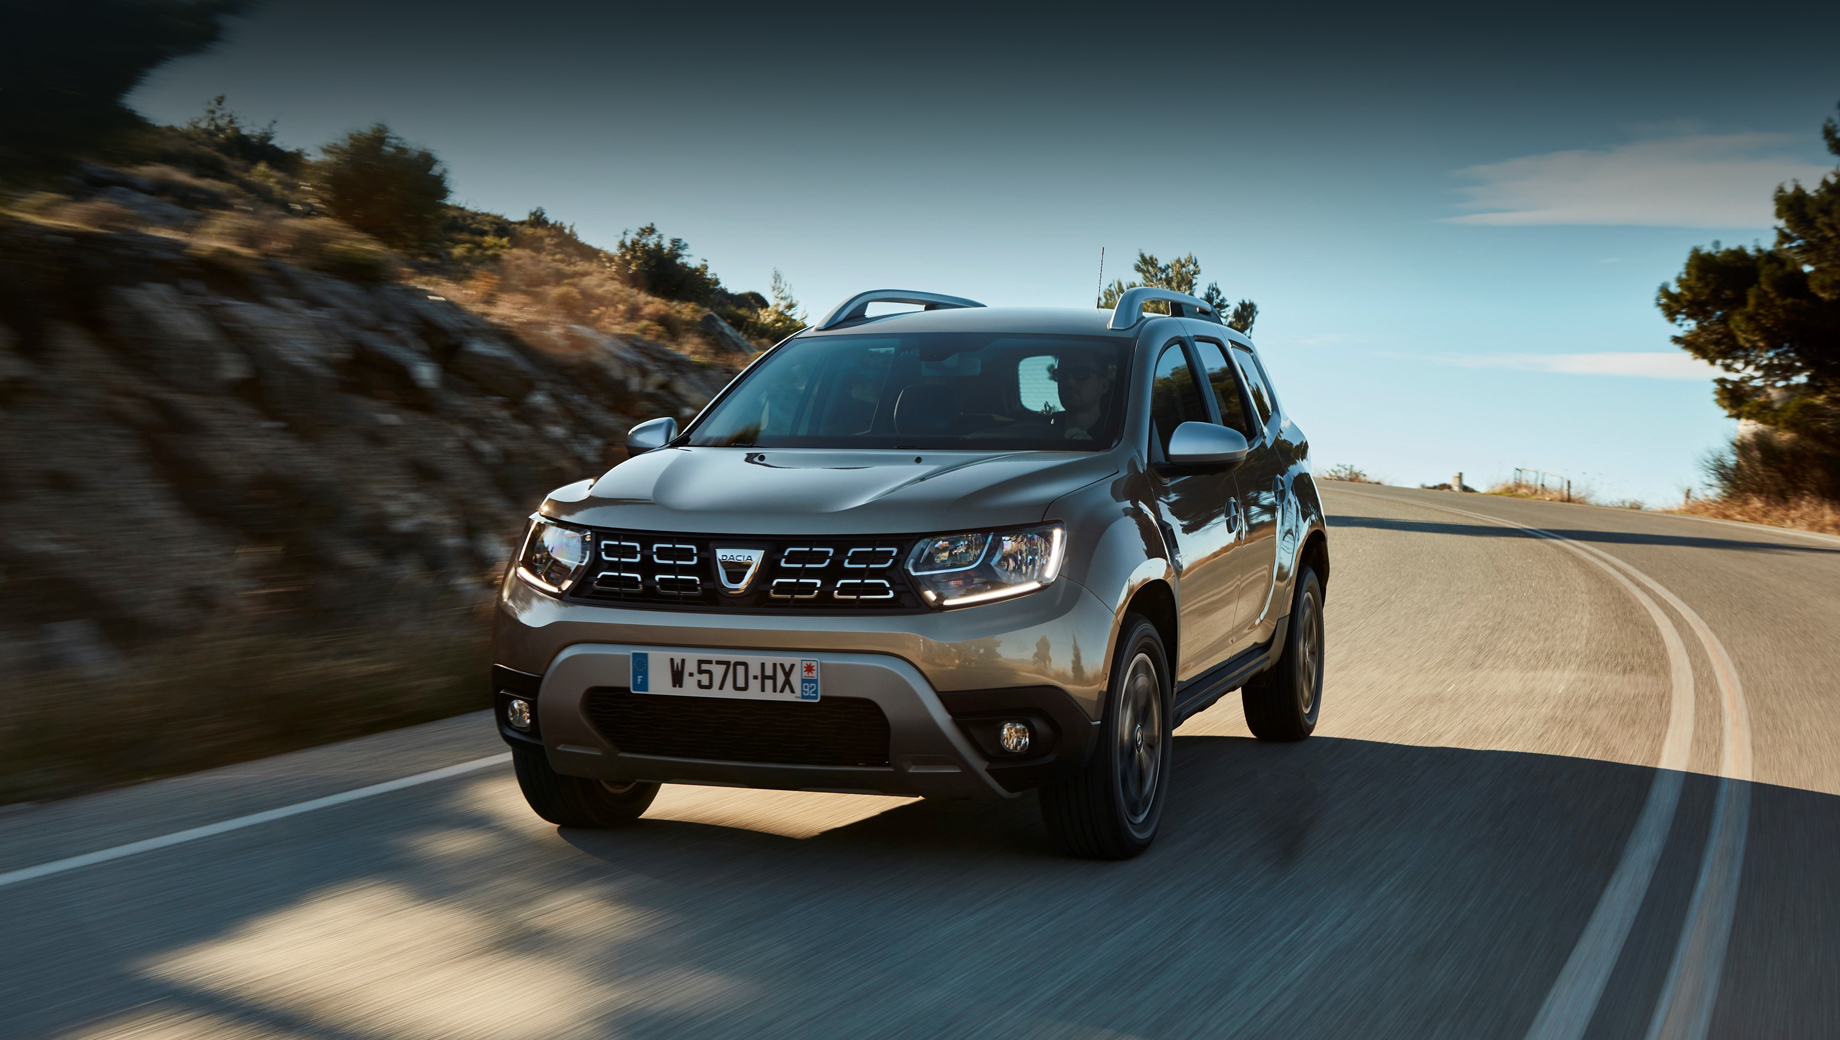 Dacia duster. В качестве преимуществ новой версии Дастера названы дружественность к природе (выбросы углекислого газа на 10% ниже, чем у бензинового аналога), а также большой запас хода на двух видах горючего в сумме (газ плюс бензин) — более чем 1000 км.